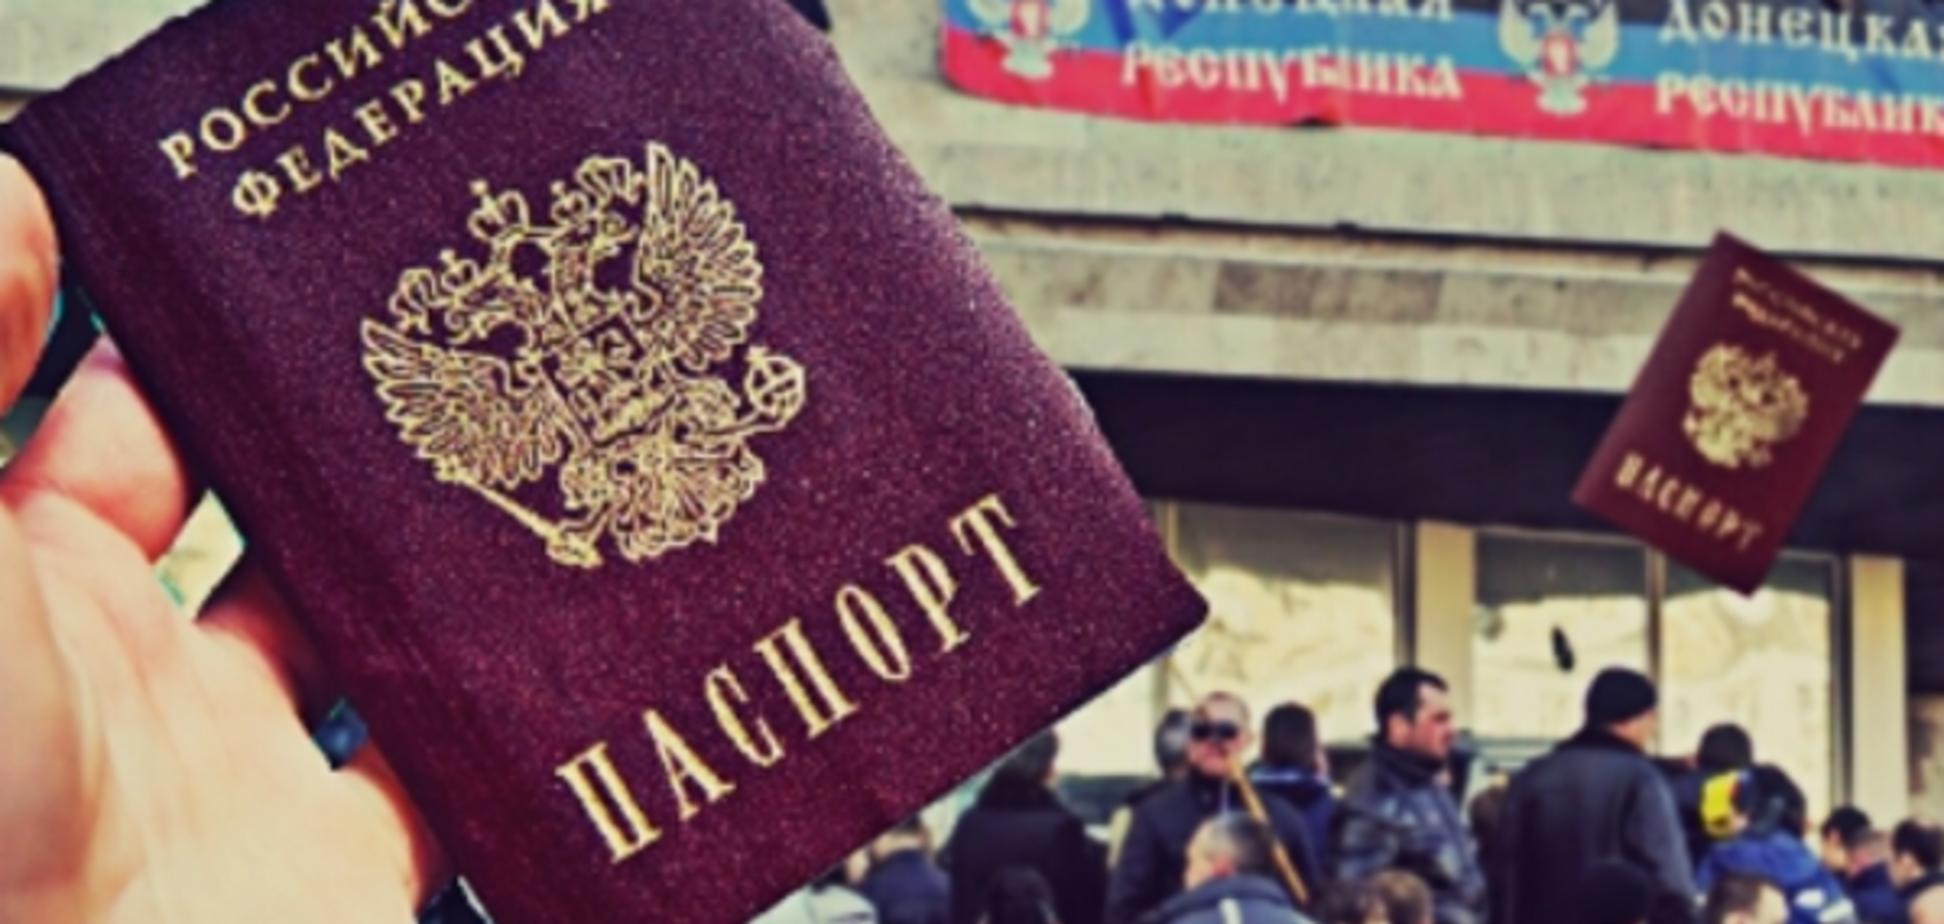 В 'Л/ДНР' виникли проблеми через видачу паспортів РФ